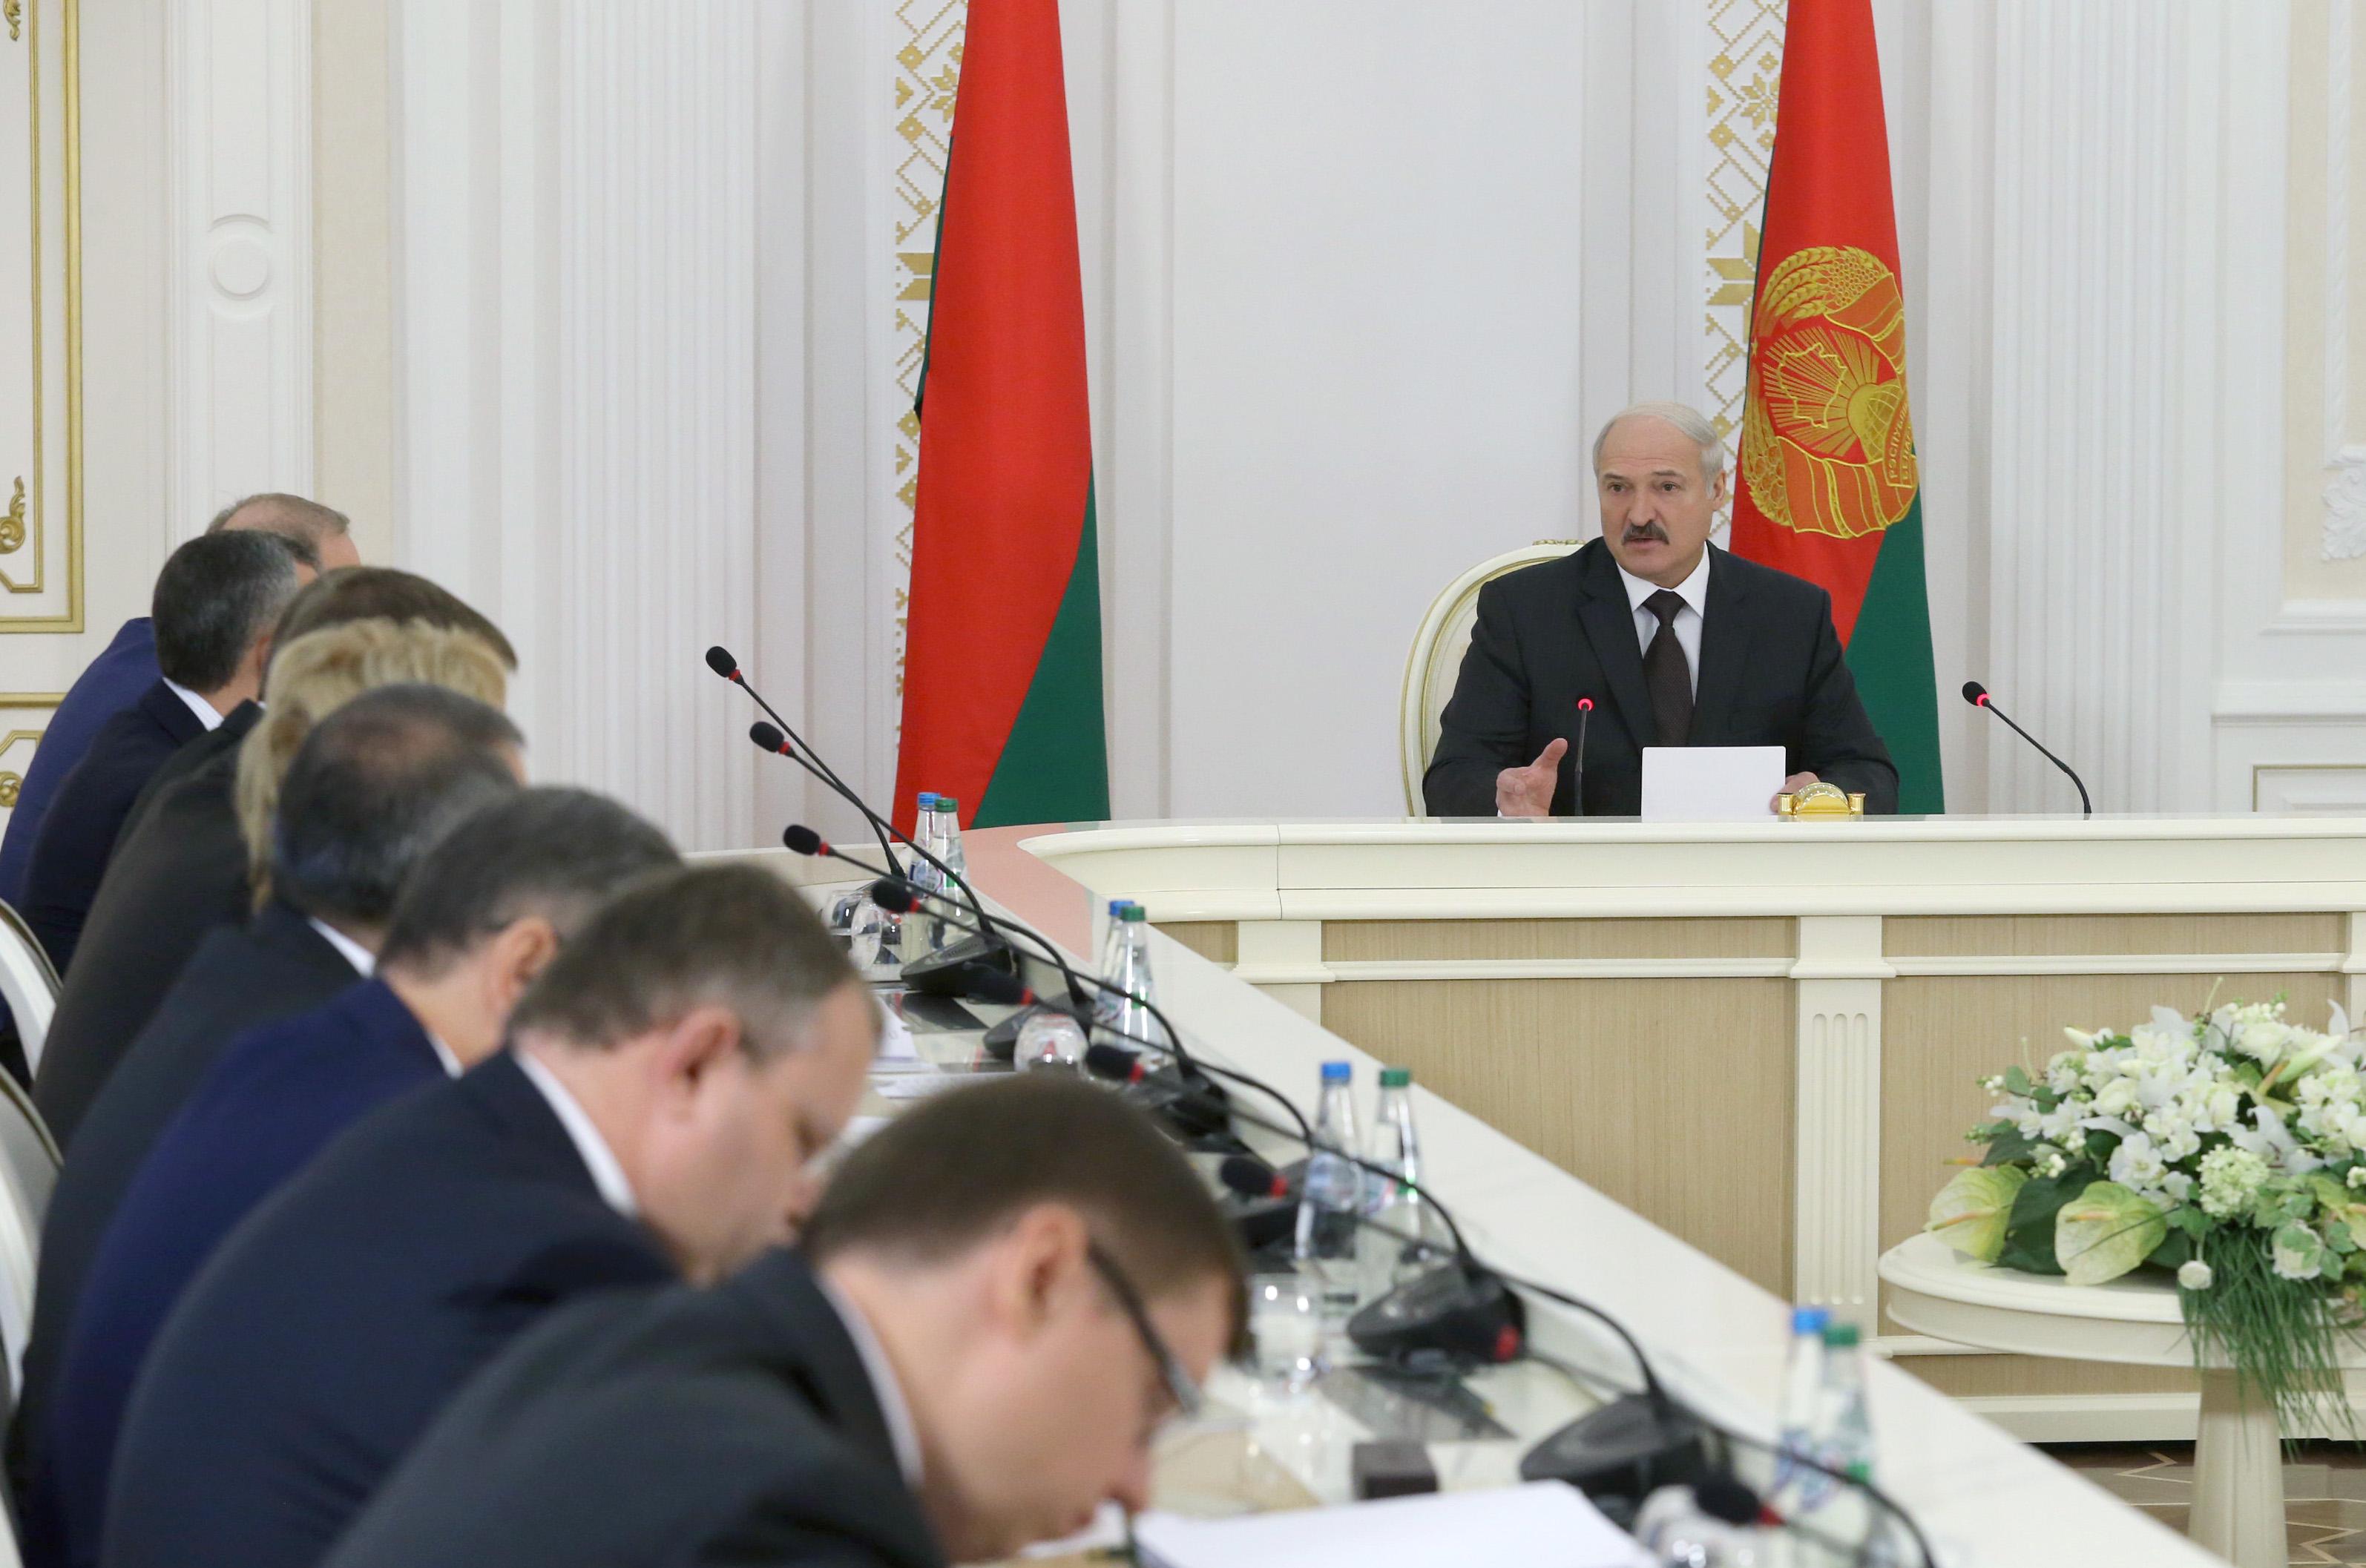 Лукашенко отребованиях МВФ: «Нищим белорусский народ мыделать неимеем права»